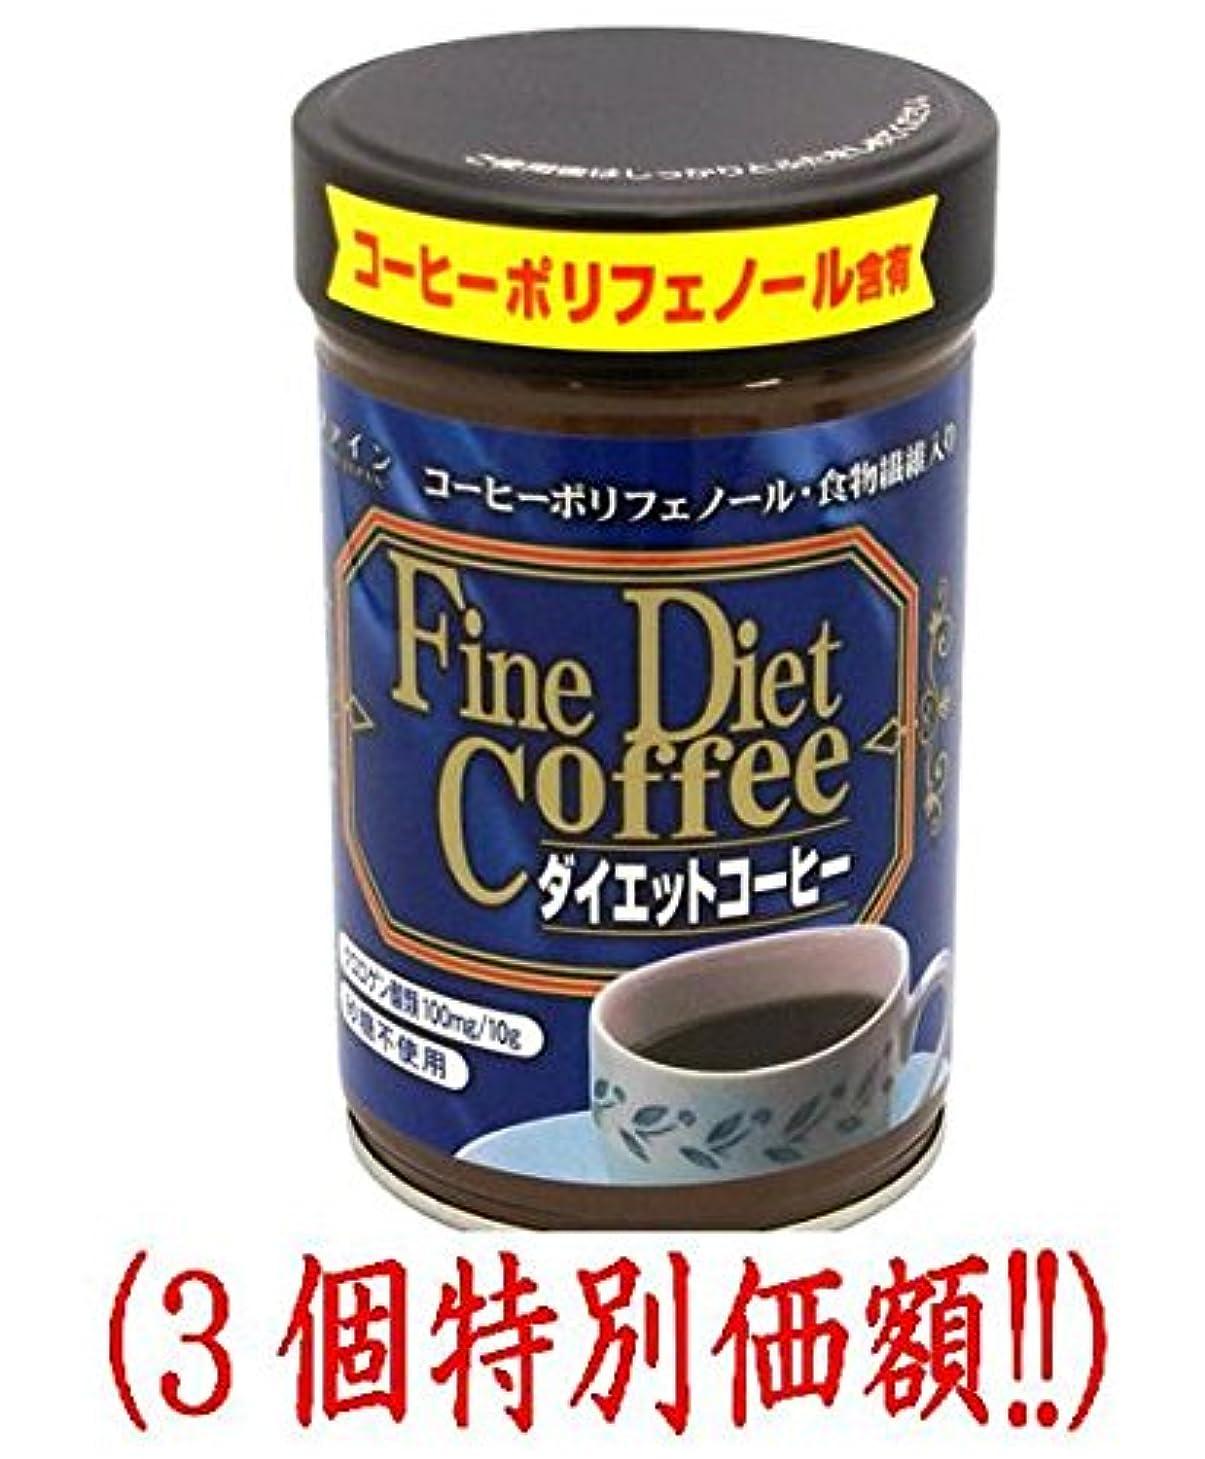 フォーマット犬特権的ファイン ダイエットコーヒー【3本セット】